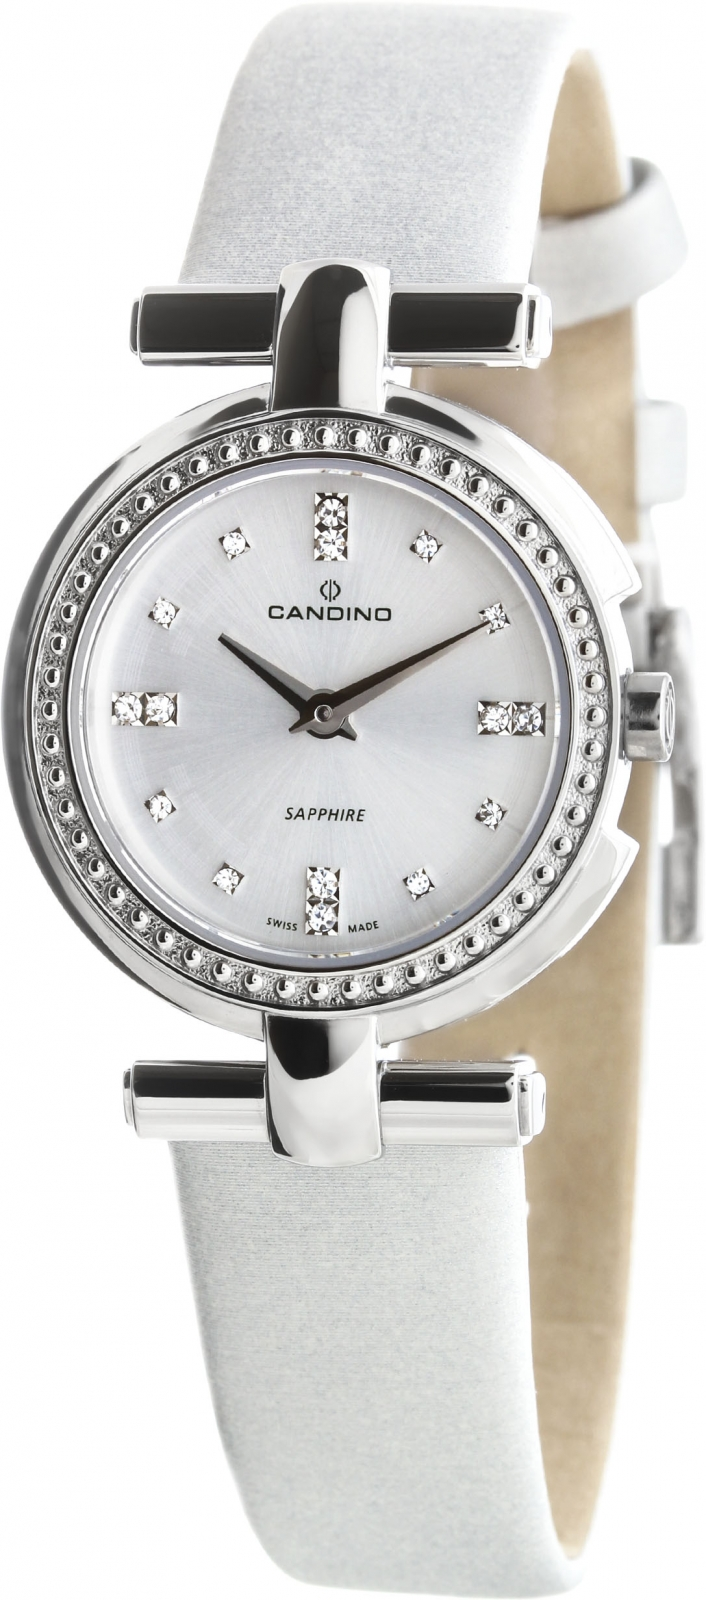 Candino Elegance C4560/1Наручные часы<br>Швейцарские часы Candino Elegance C4560/1<br><br>Для кого?: Женские<br>Страна-производитель: Швейцария<br>Механизм: Кварцевый<br>Материал корпуса: Сталь<br>Материал ремня/браслета: Текстиль<br>Водозащита, диапазон: 20 - 100 м<br>Стекло: Сапфировое<br>Толщина корпуса: 7 мм<br>Стиль: Классика